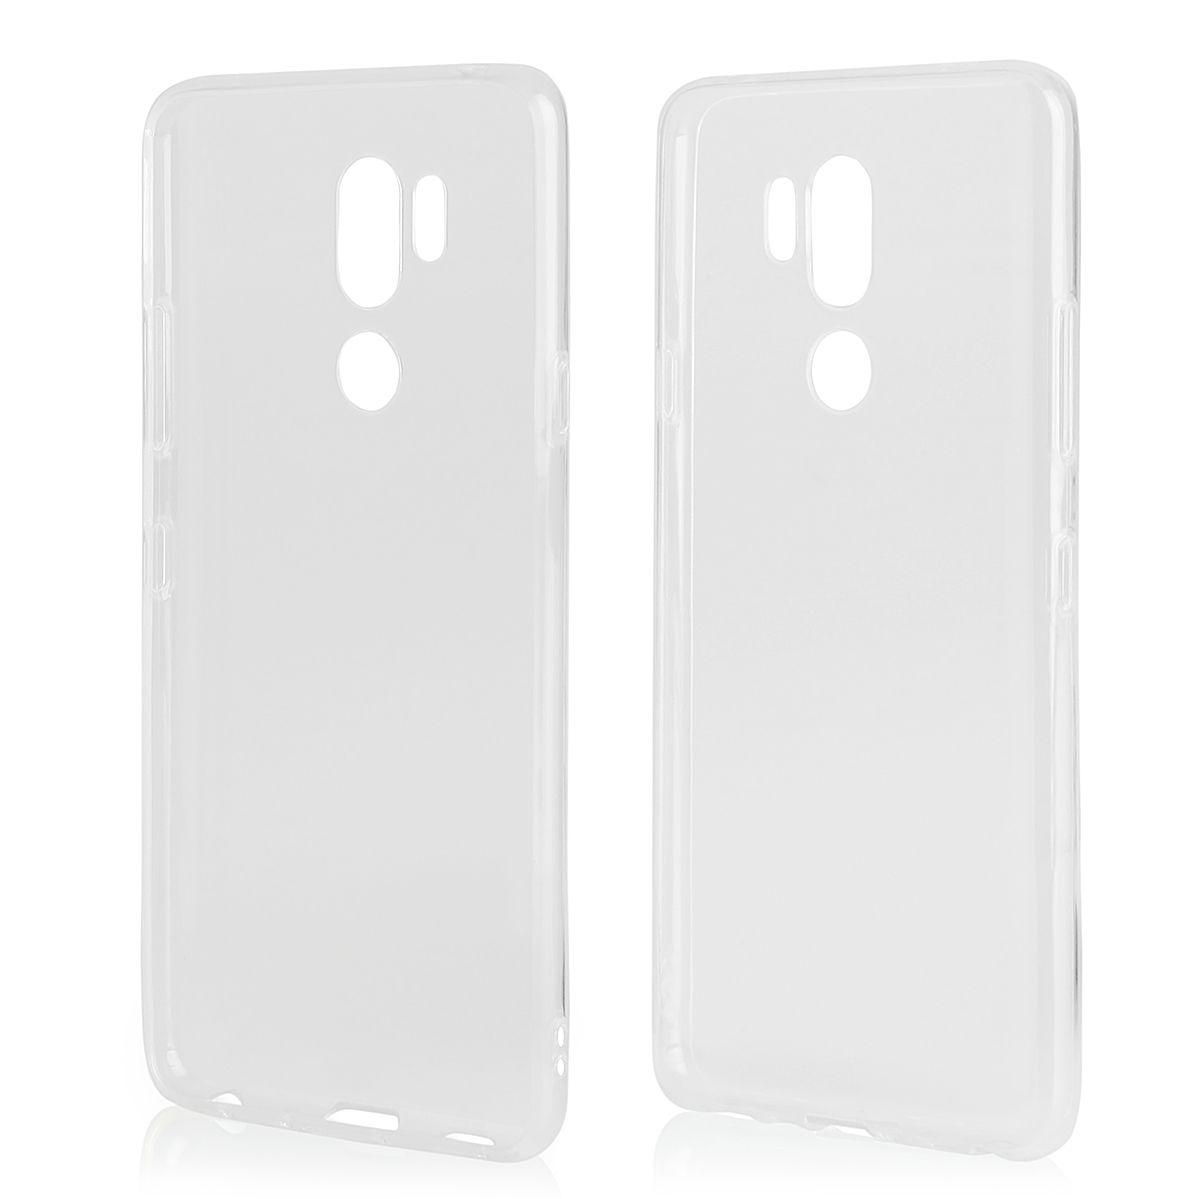 Pouzdro Jelly Case na LG G7 - 0,3mm - čiré